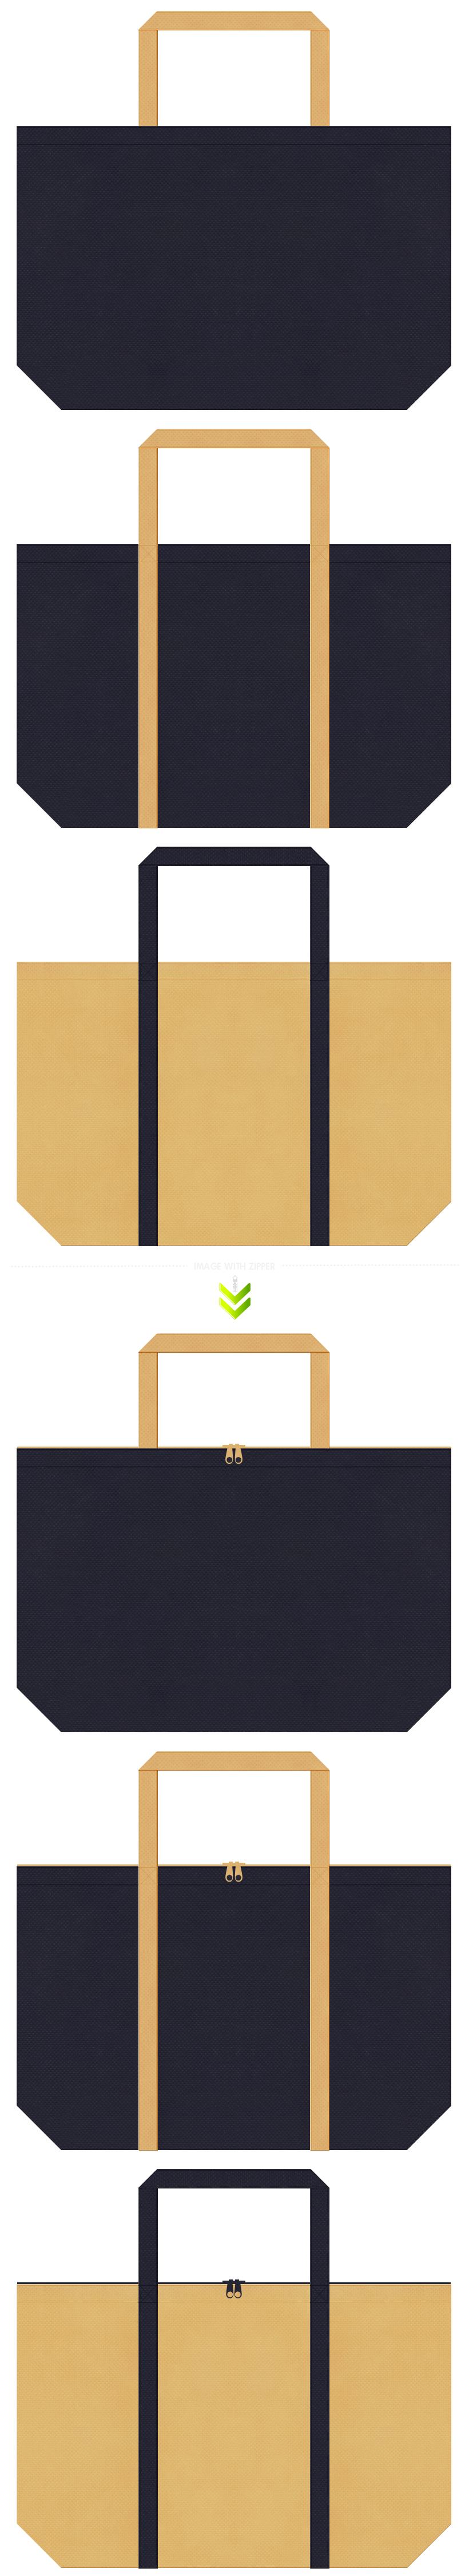 学校・オープンキャンパス・学習塾・文庫本・書店・レッスンバッグ・インディゴデニム・ジーパン・カジュアルファッション・アウトレットのショッピングバッグにお奨めの不織布バッグデザイン:濃紺色と薄黄土色のコーデ